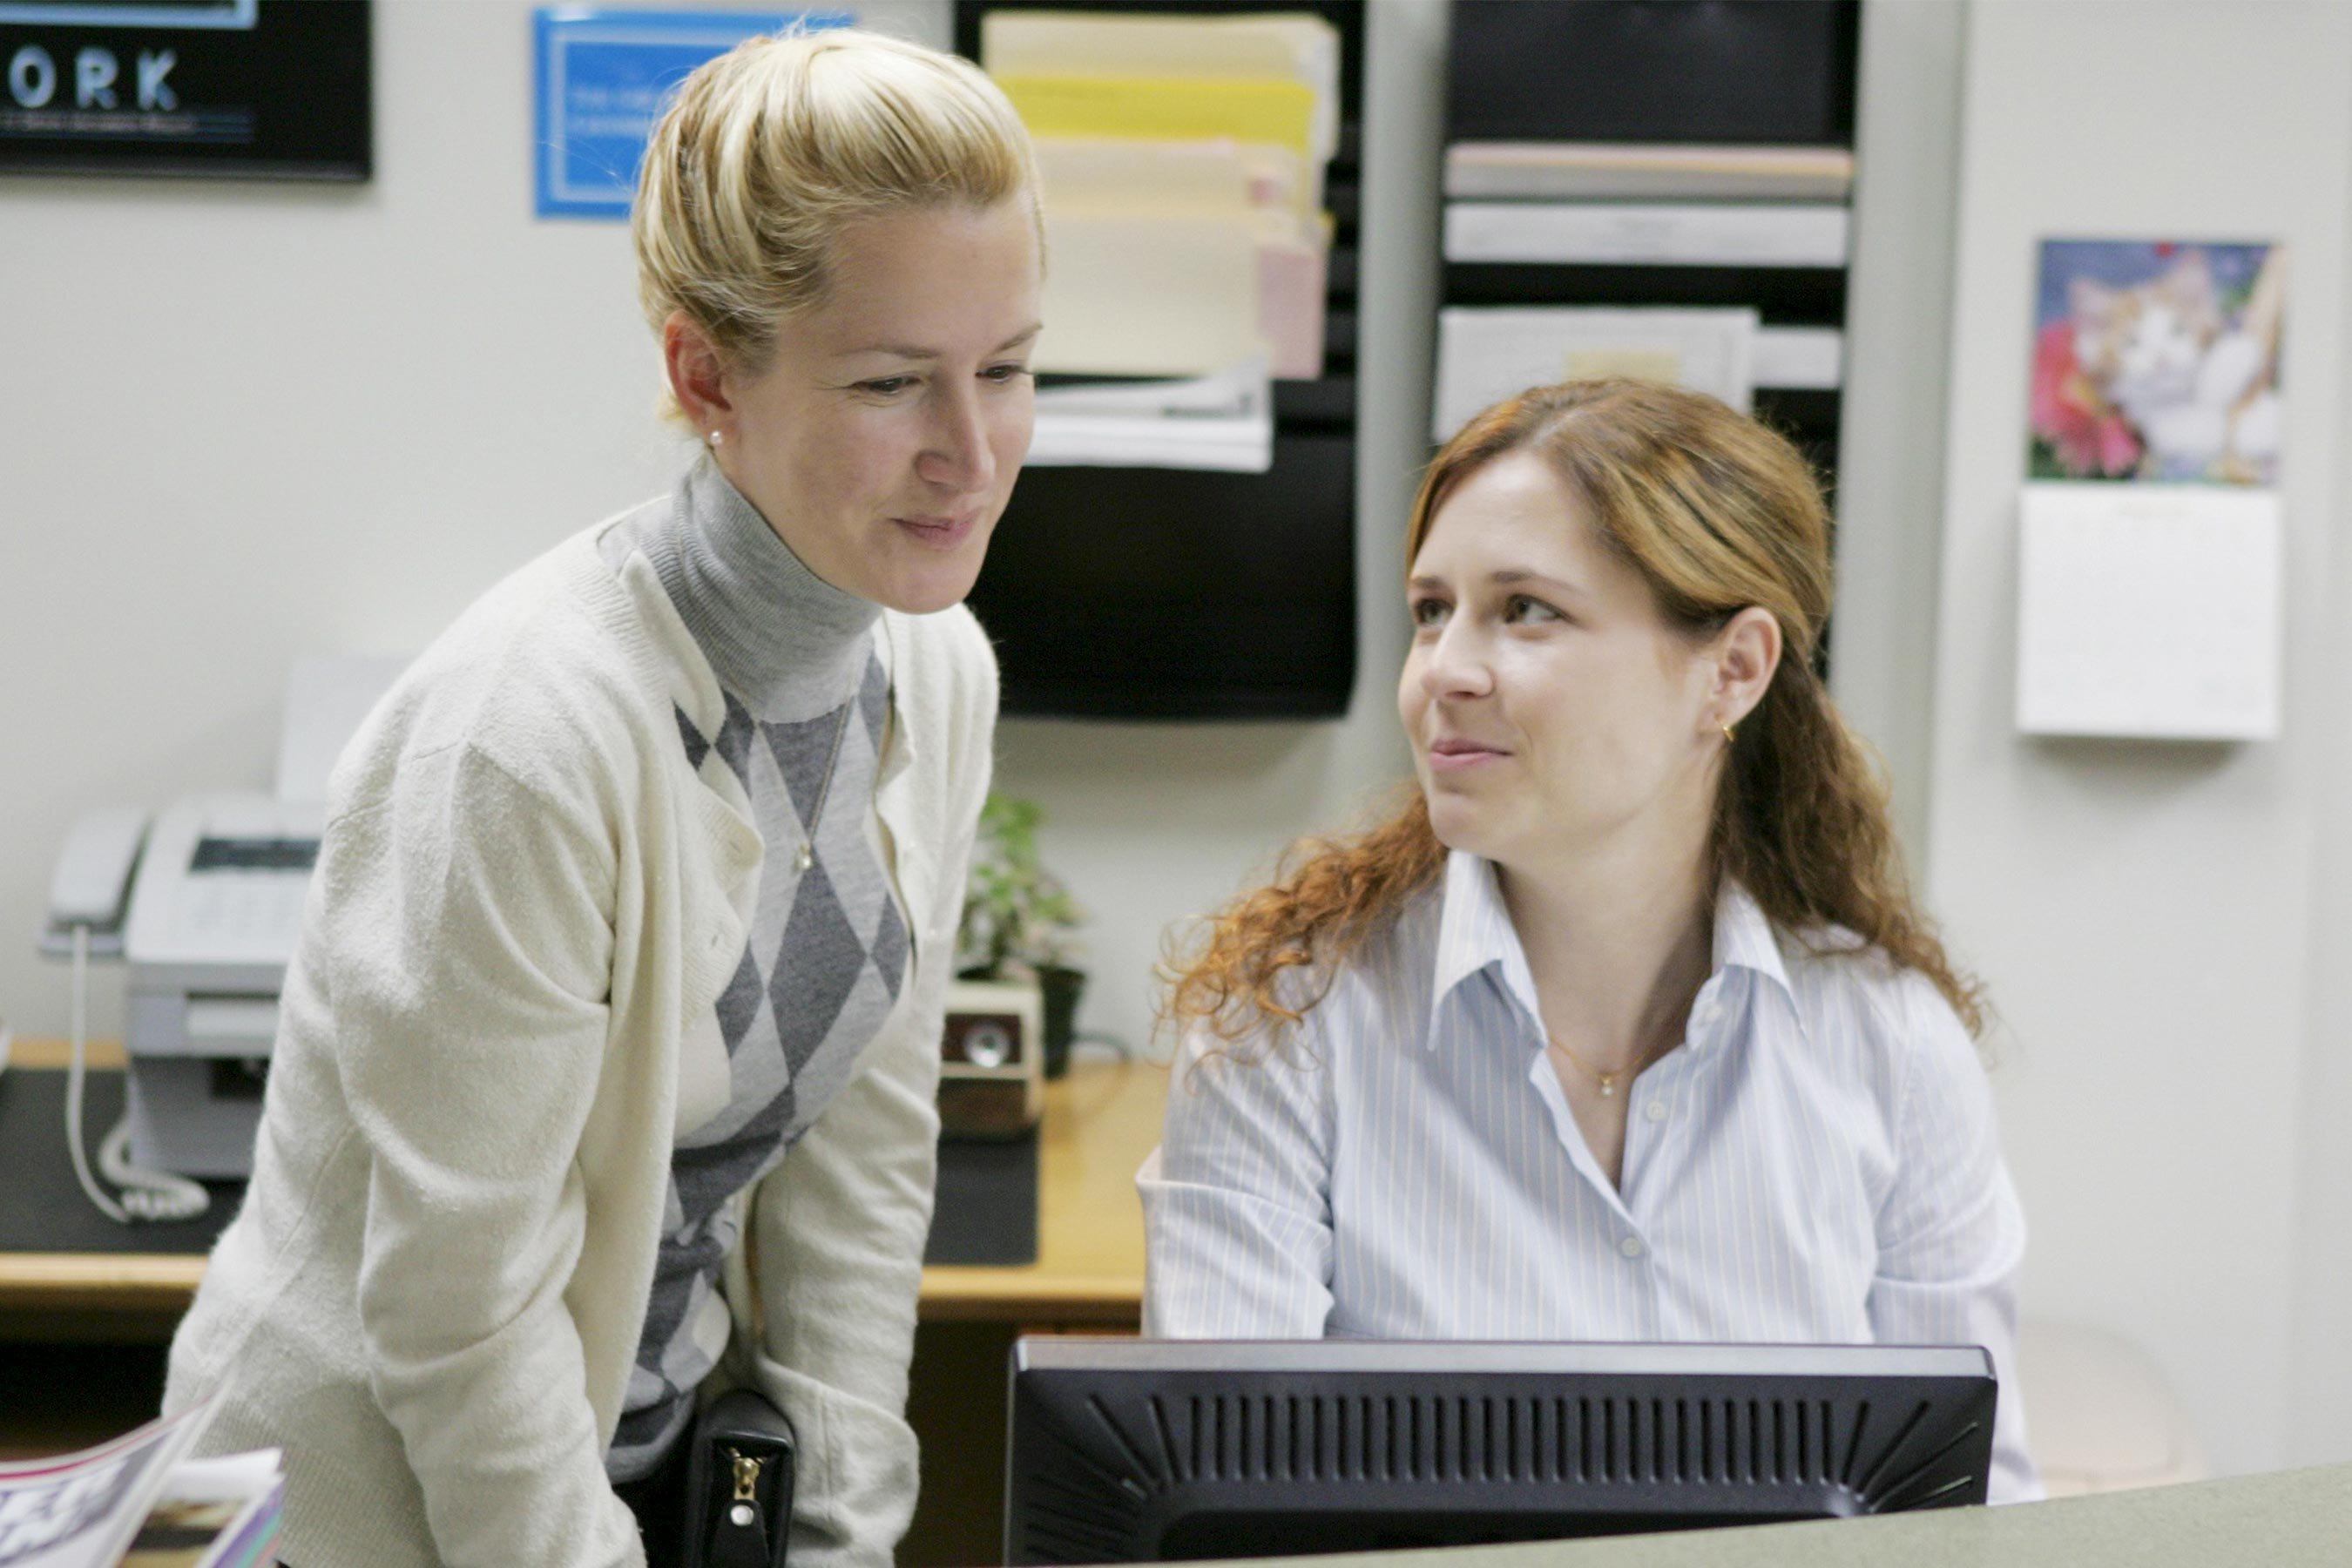 Pam e Angela di The Office hanno un nuovo podcast e stanno bingiando la serie per commentarla